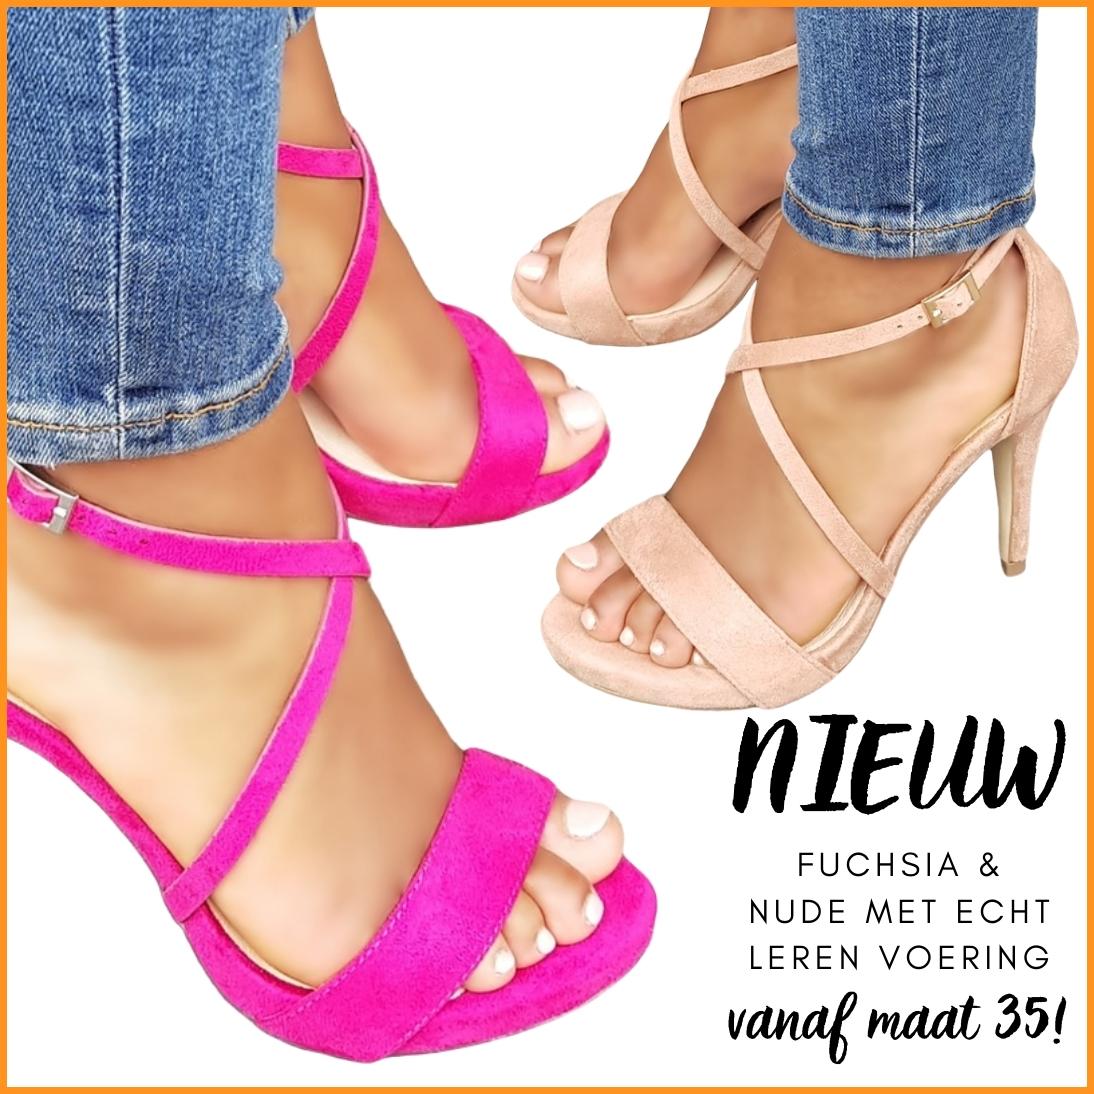 Roze en nude sandaaltjes met leren voering